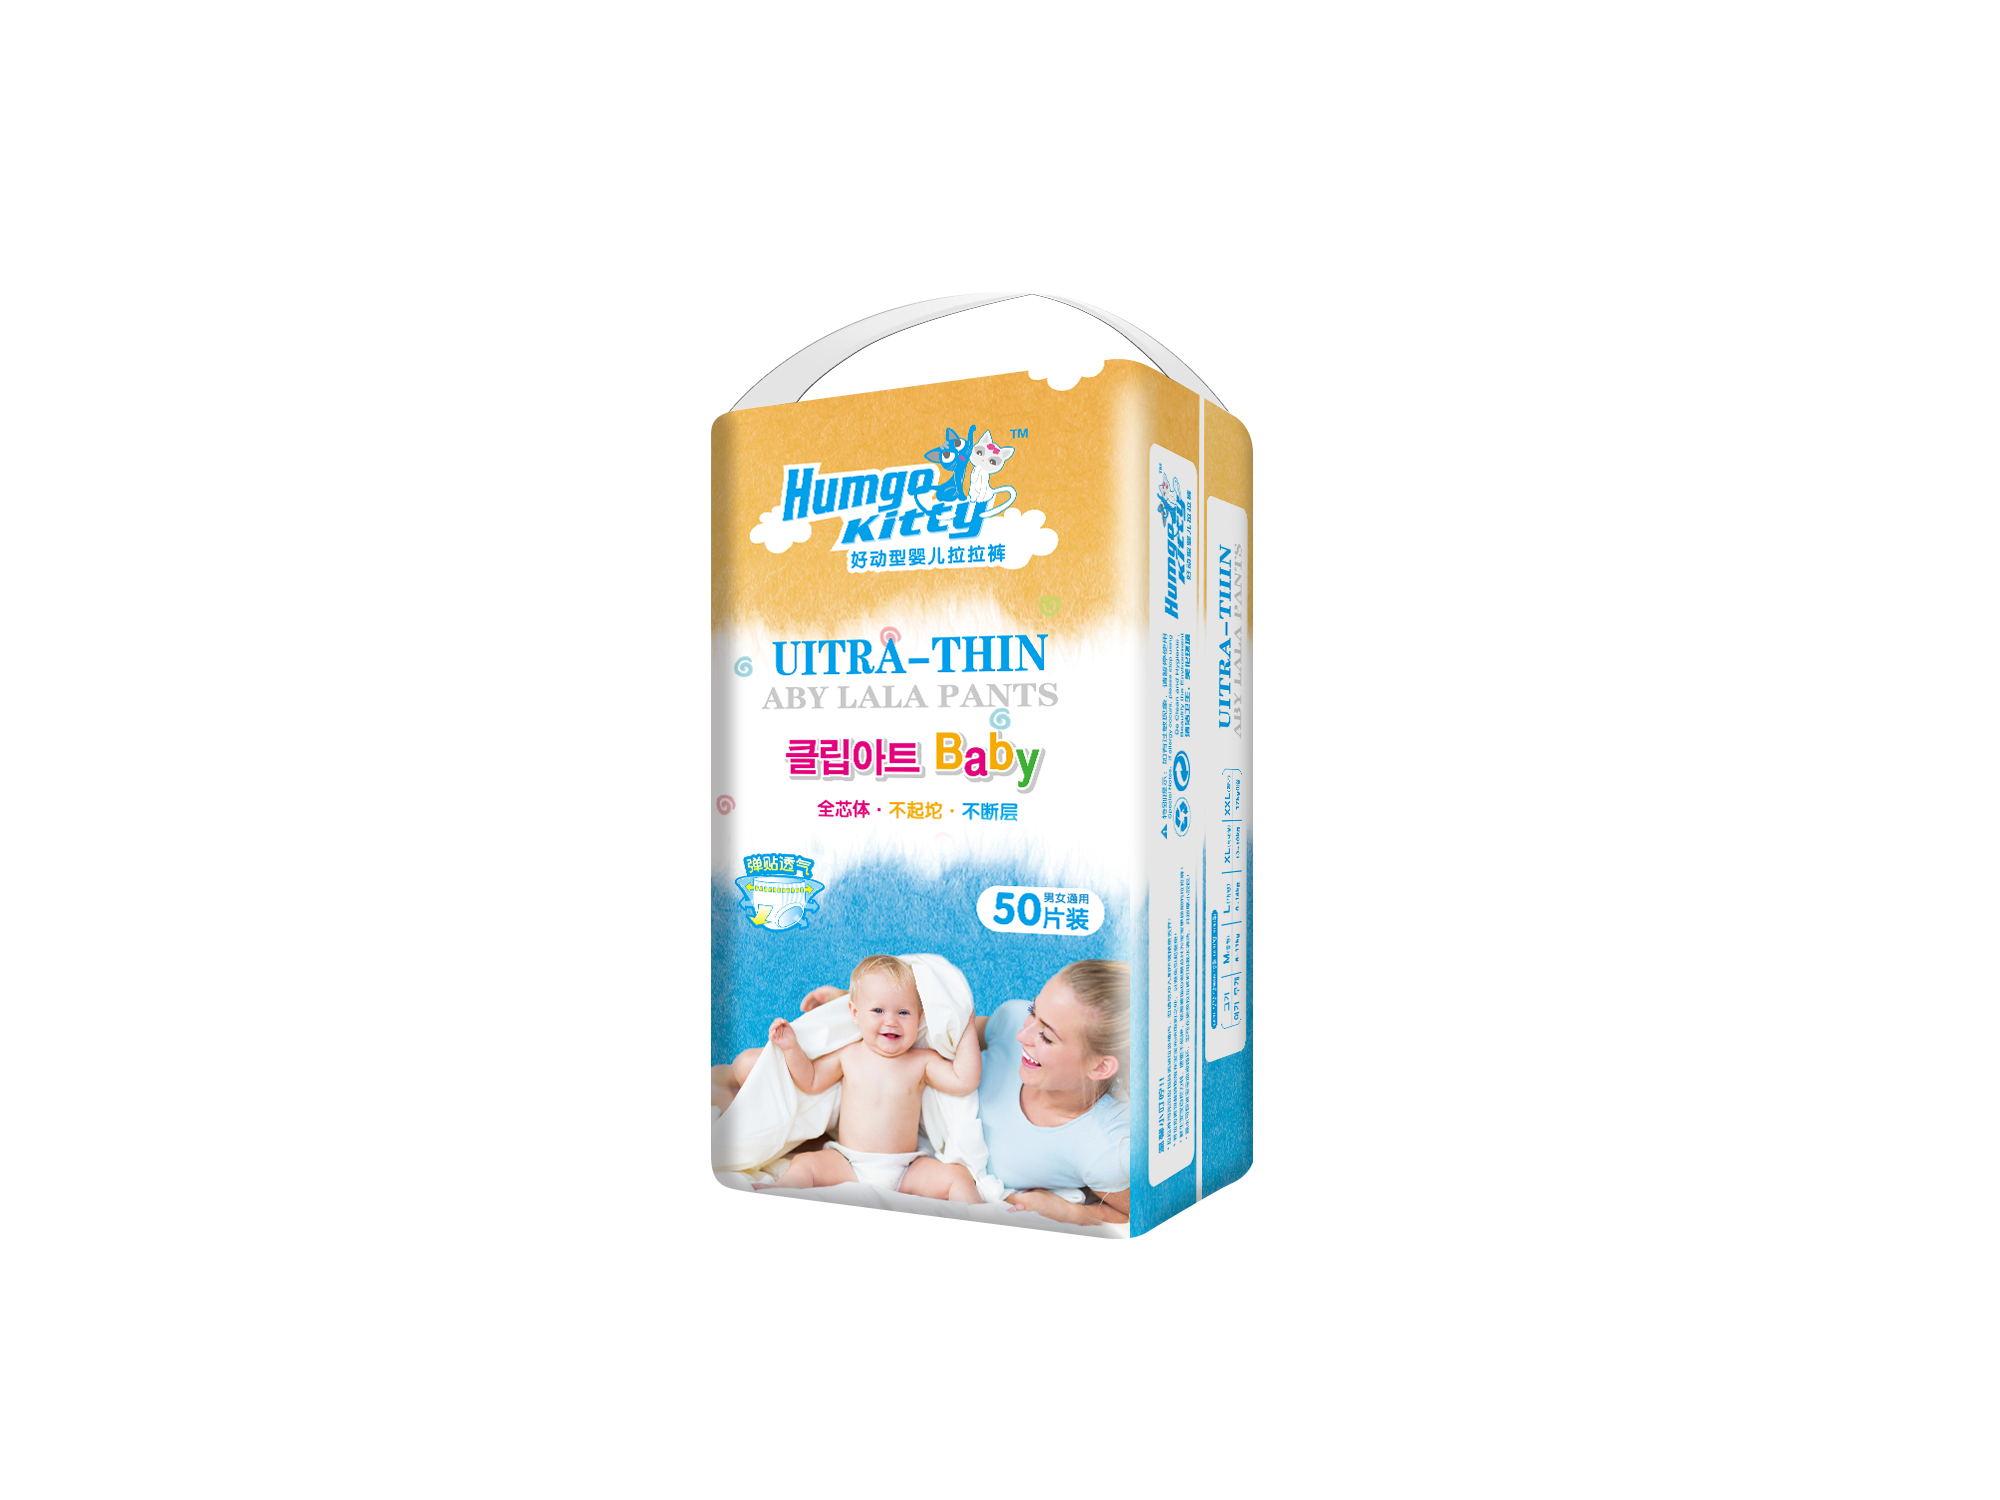 福州韓購貓紙尿褲-買高品質紙尿褲當然到千百度衛生用品